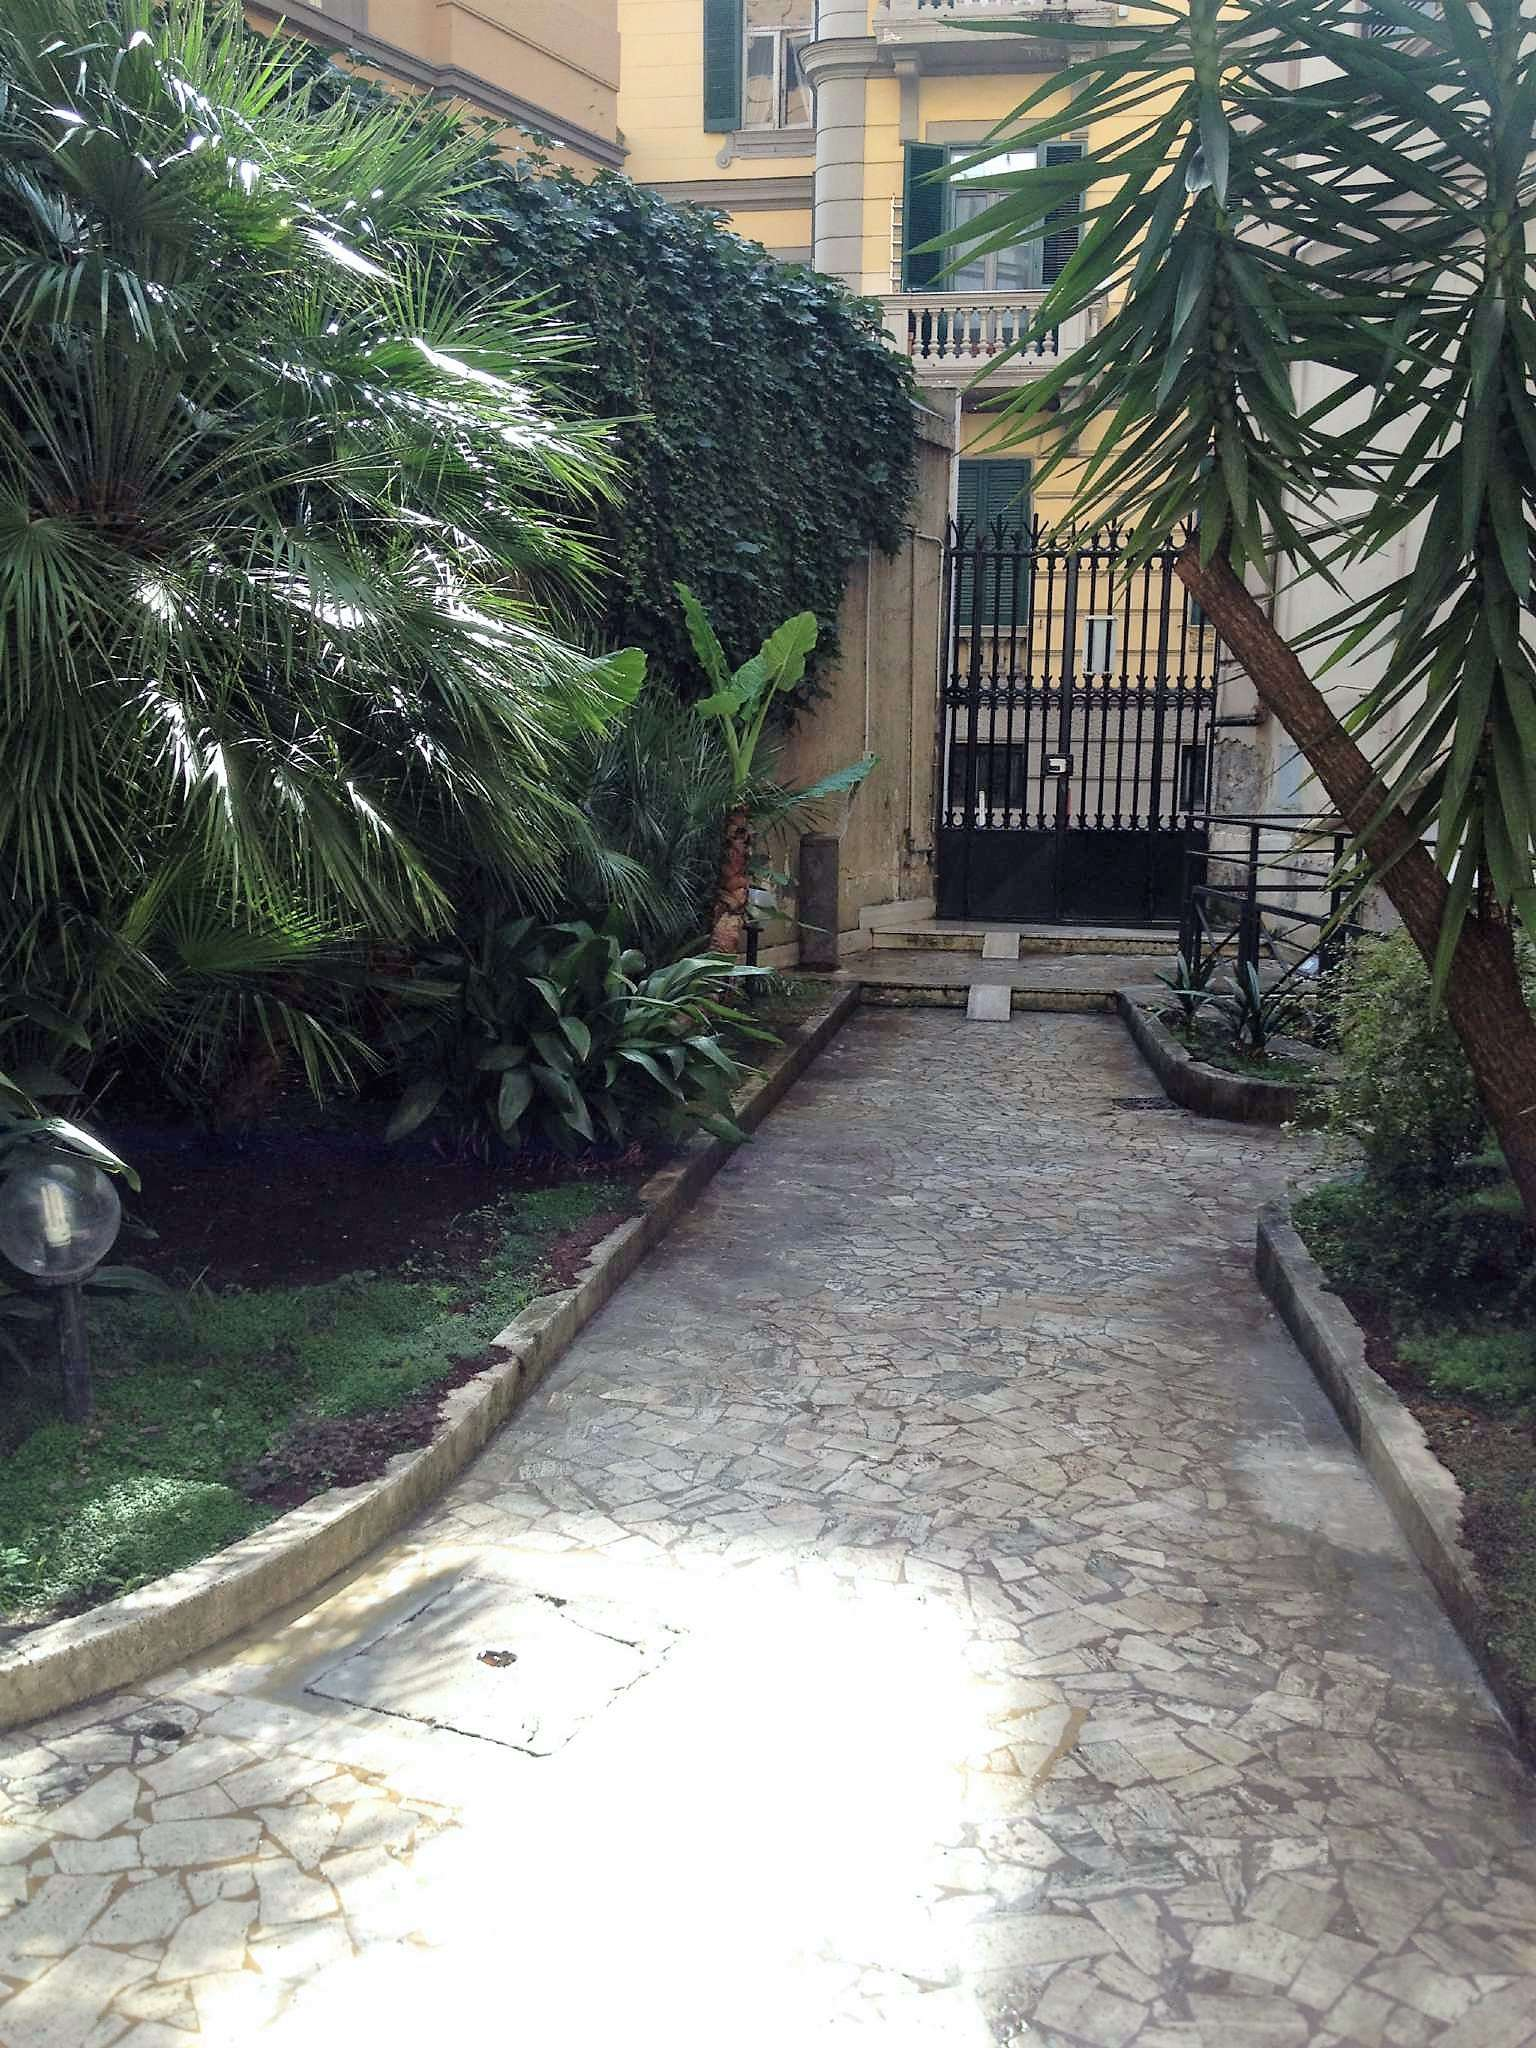 Appartamento in affitto a Napoli, 2 locali, zona Zona: 1 . Chiaia, Posillipo, San Ferdinando, prezzo € 780 | CambioCasa.it